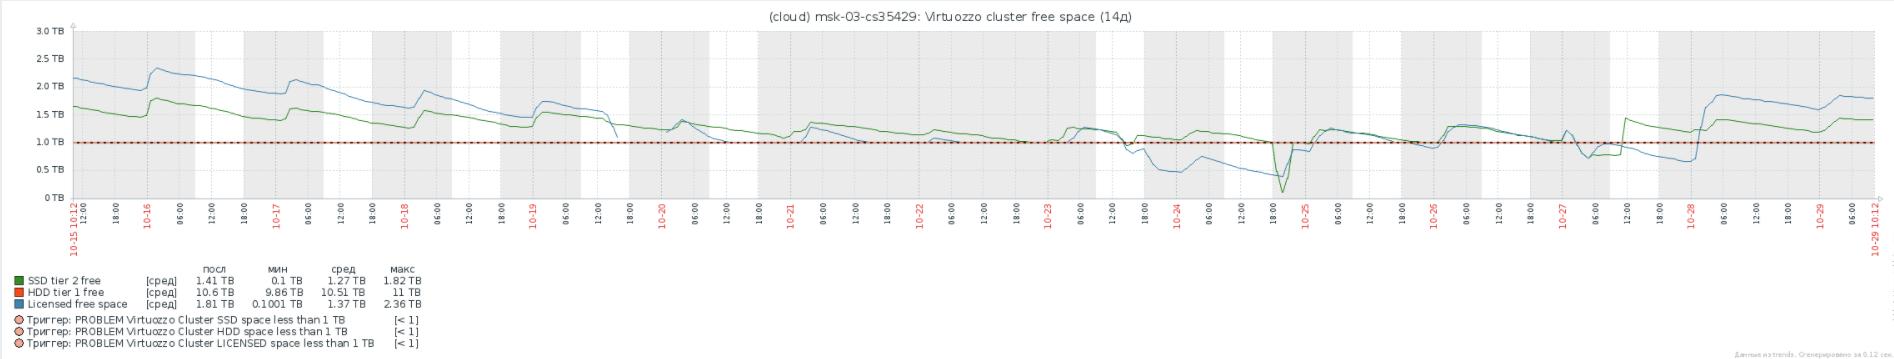 Virtuozzo Storage: Реальный опыт эксплуатации, советы по оптимизации и решению проблем - 3